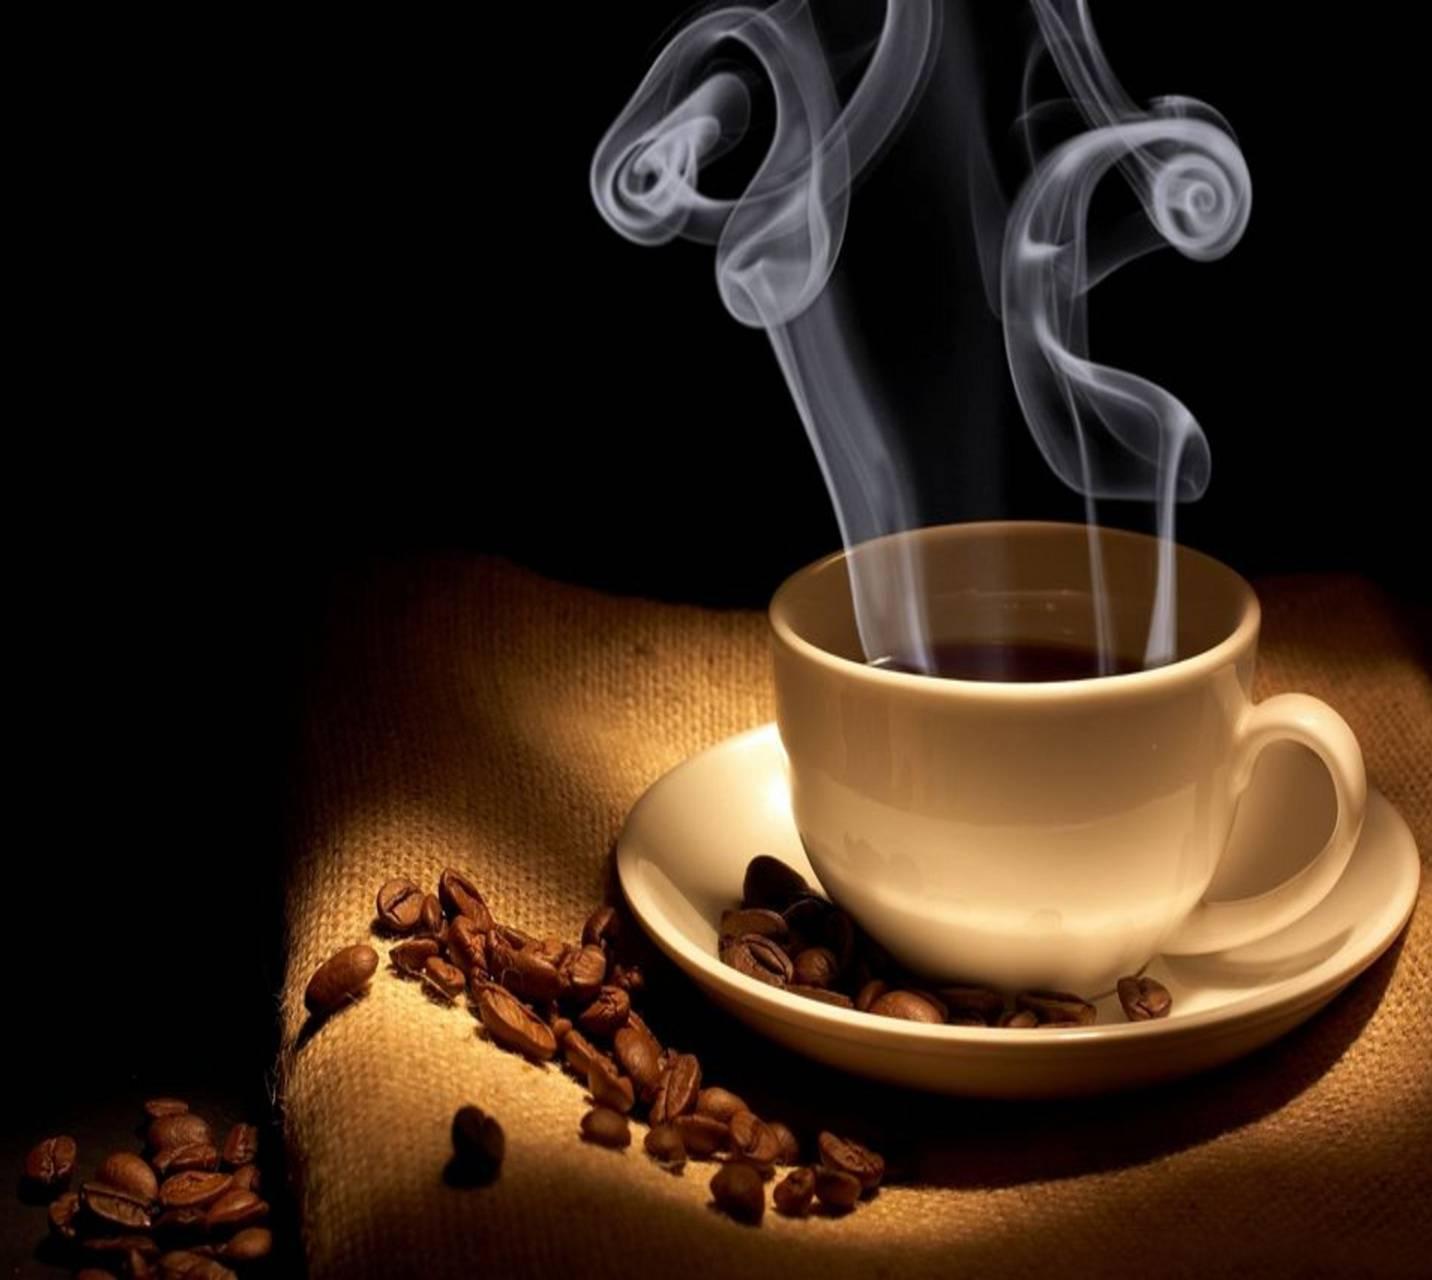 вечернего кофе картинки еще один